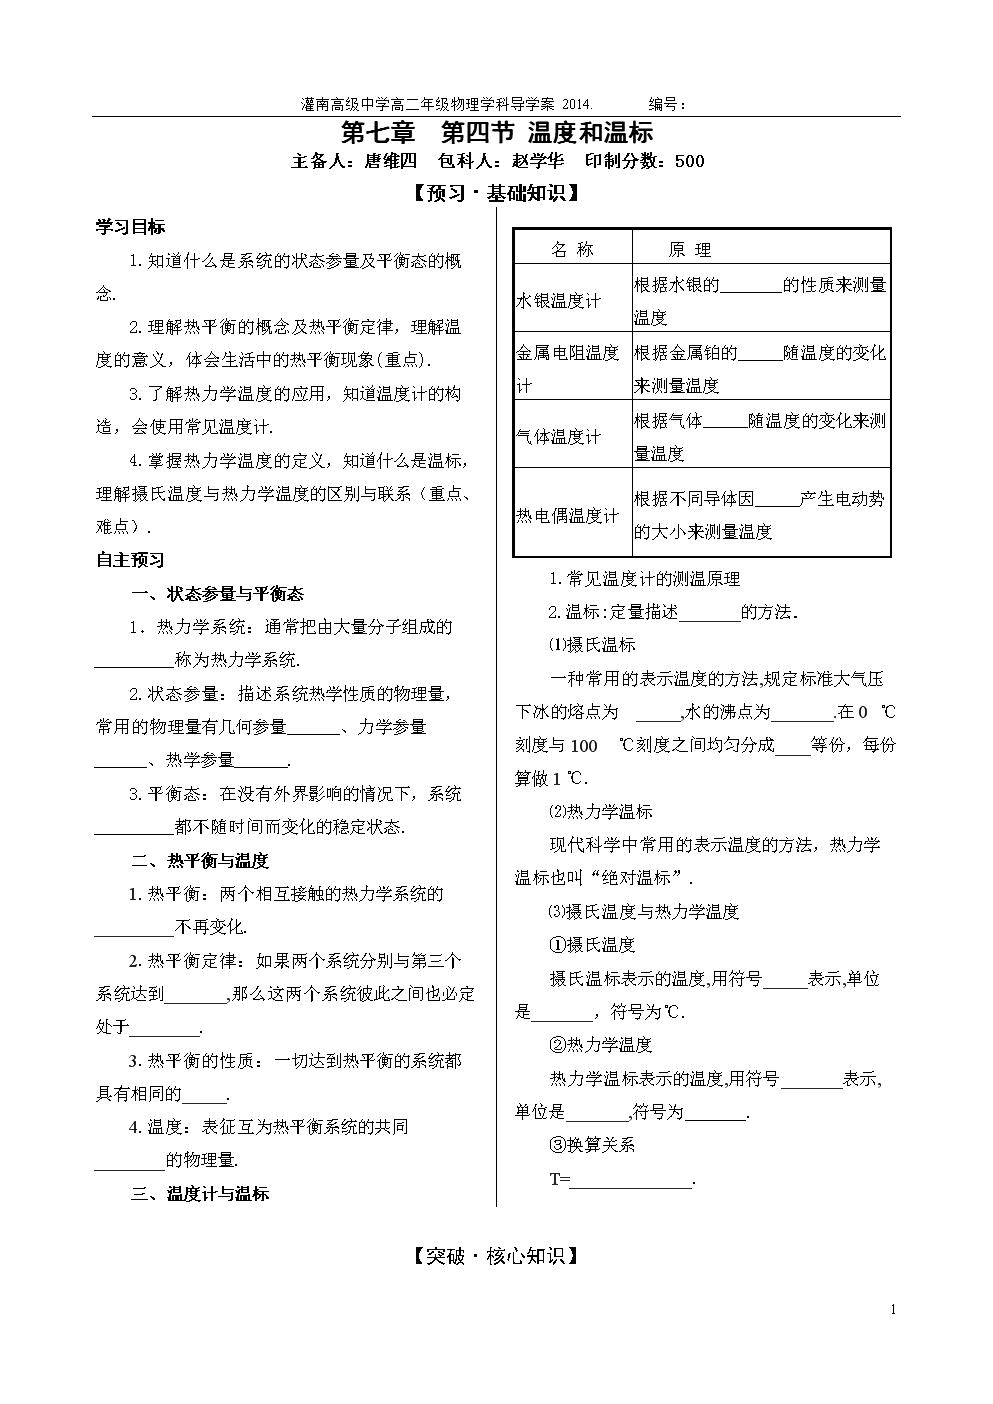 交变电流-江苏灌南高级中学.doc校服冬季高中图片